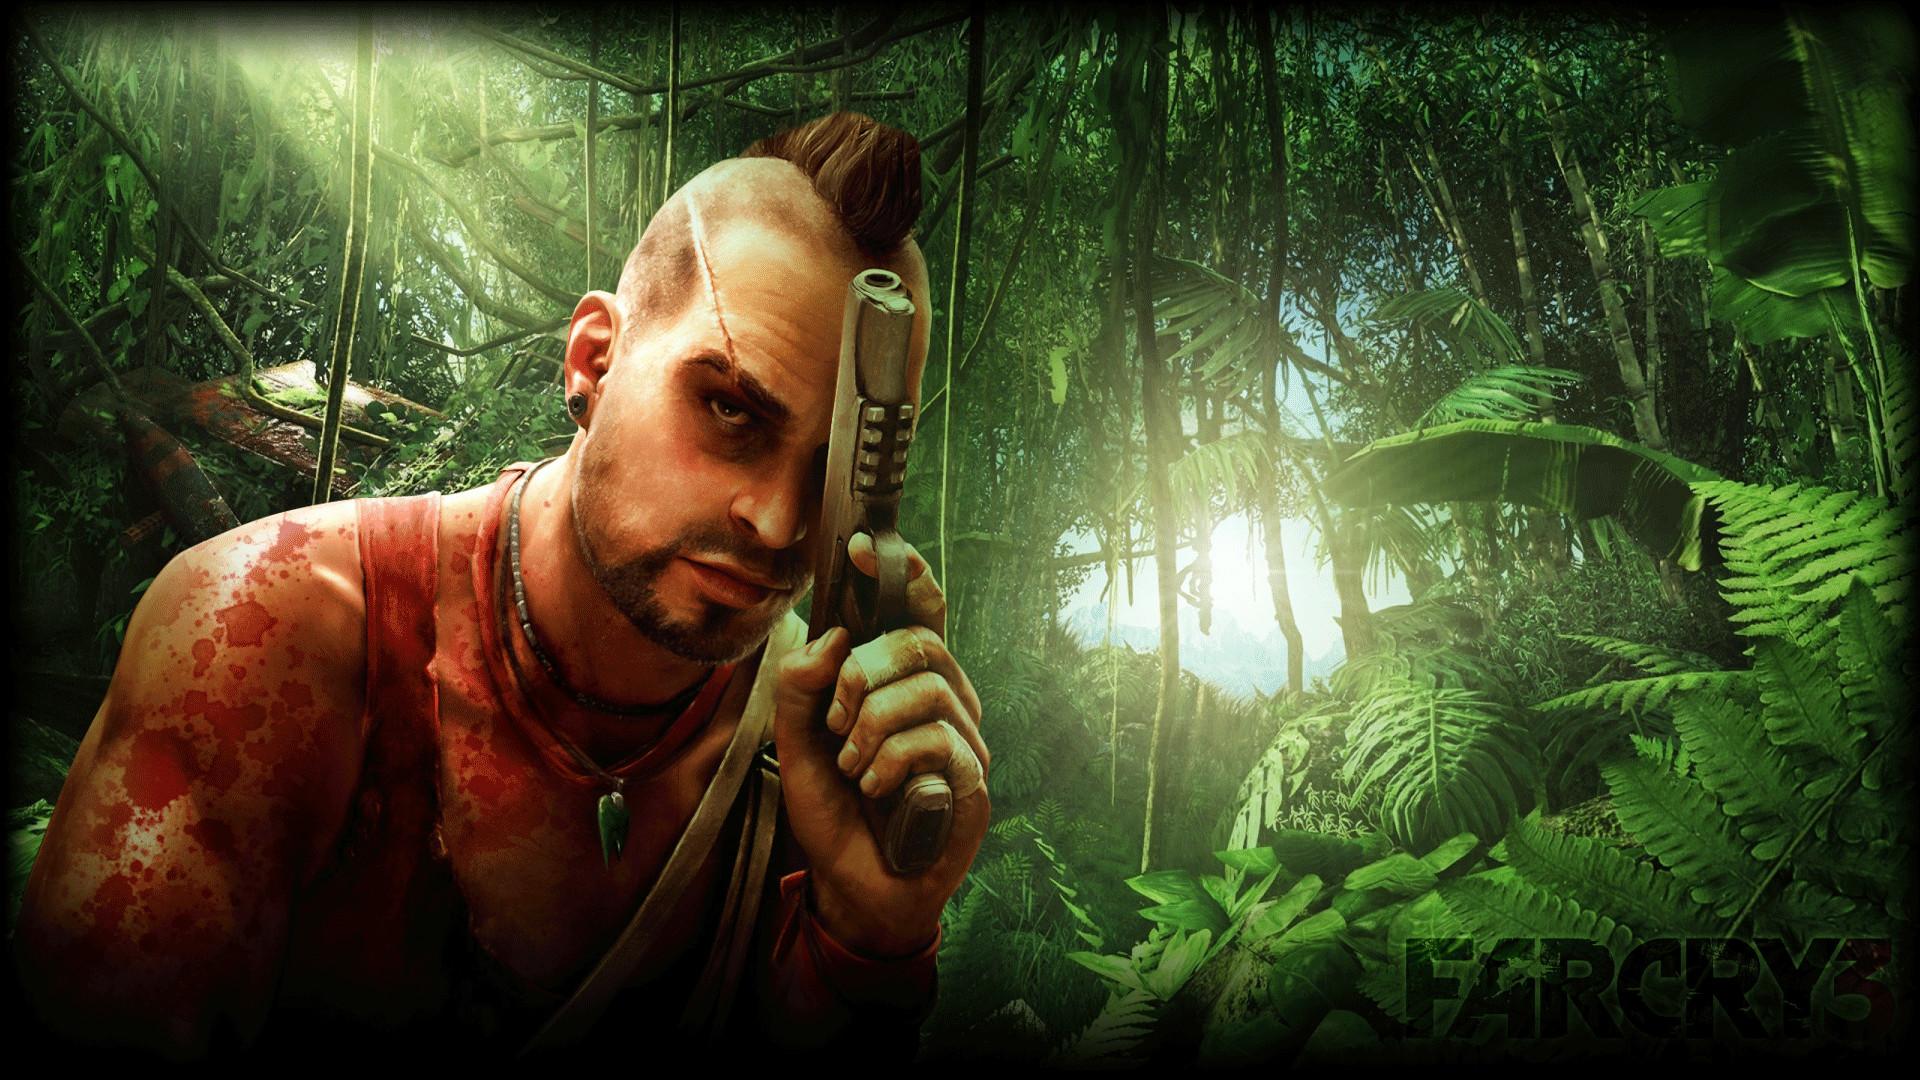 … cursedblade1337 Far Cry 3 (background) by cursedblade1337